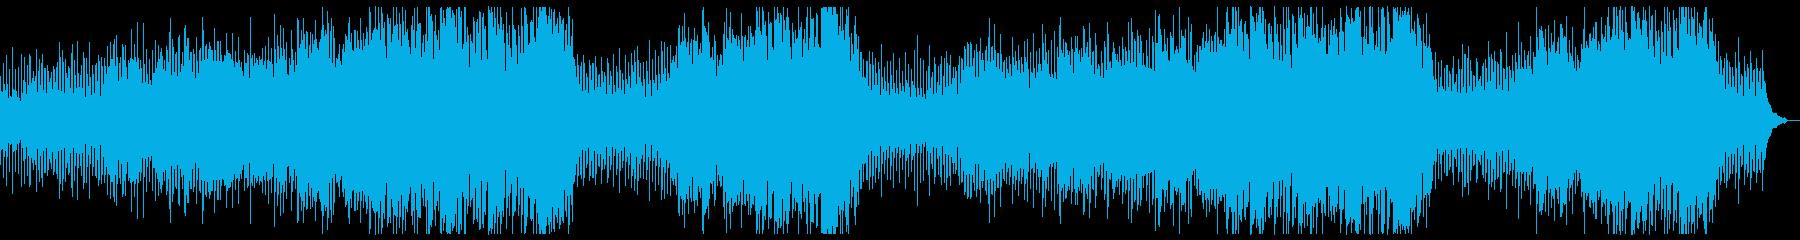 時間の経過・優しい思い出:フルx2の再生済みの波形